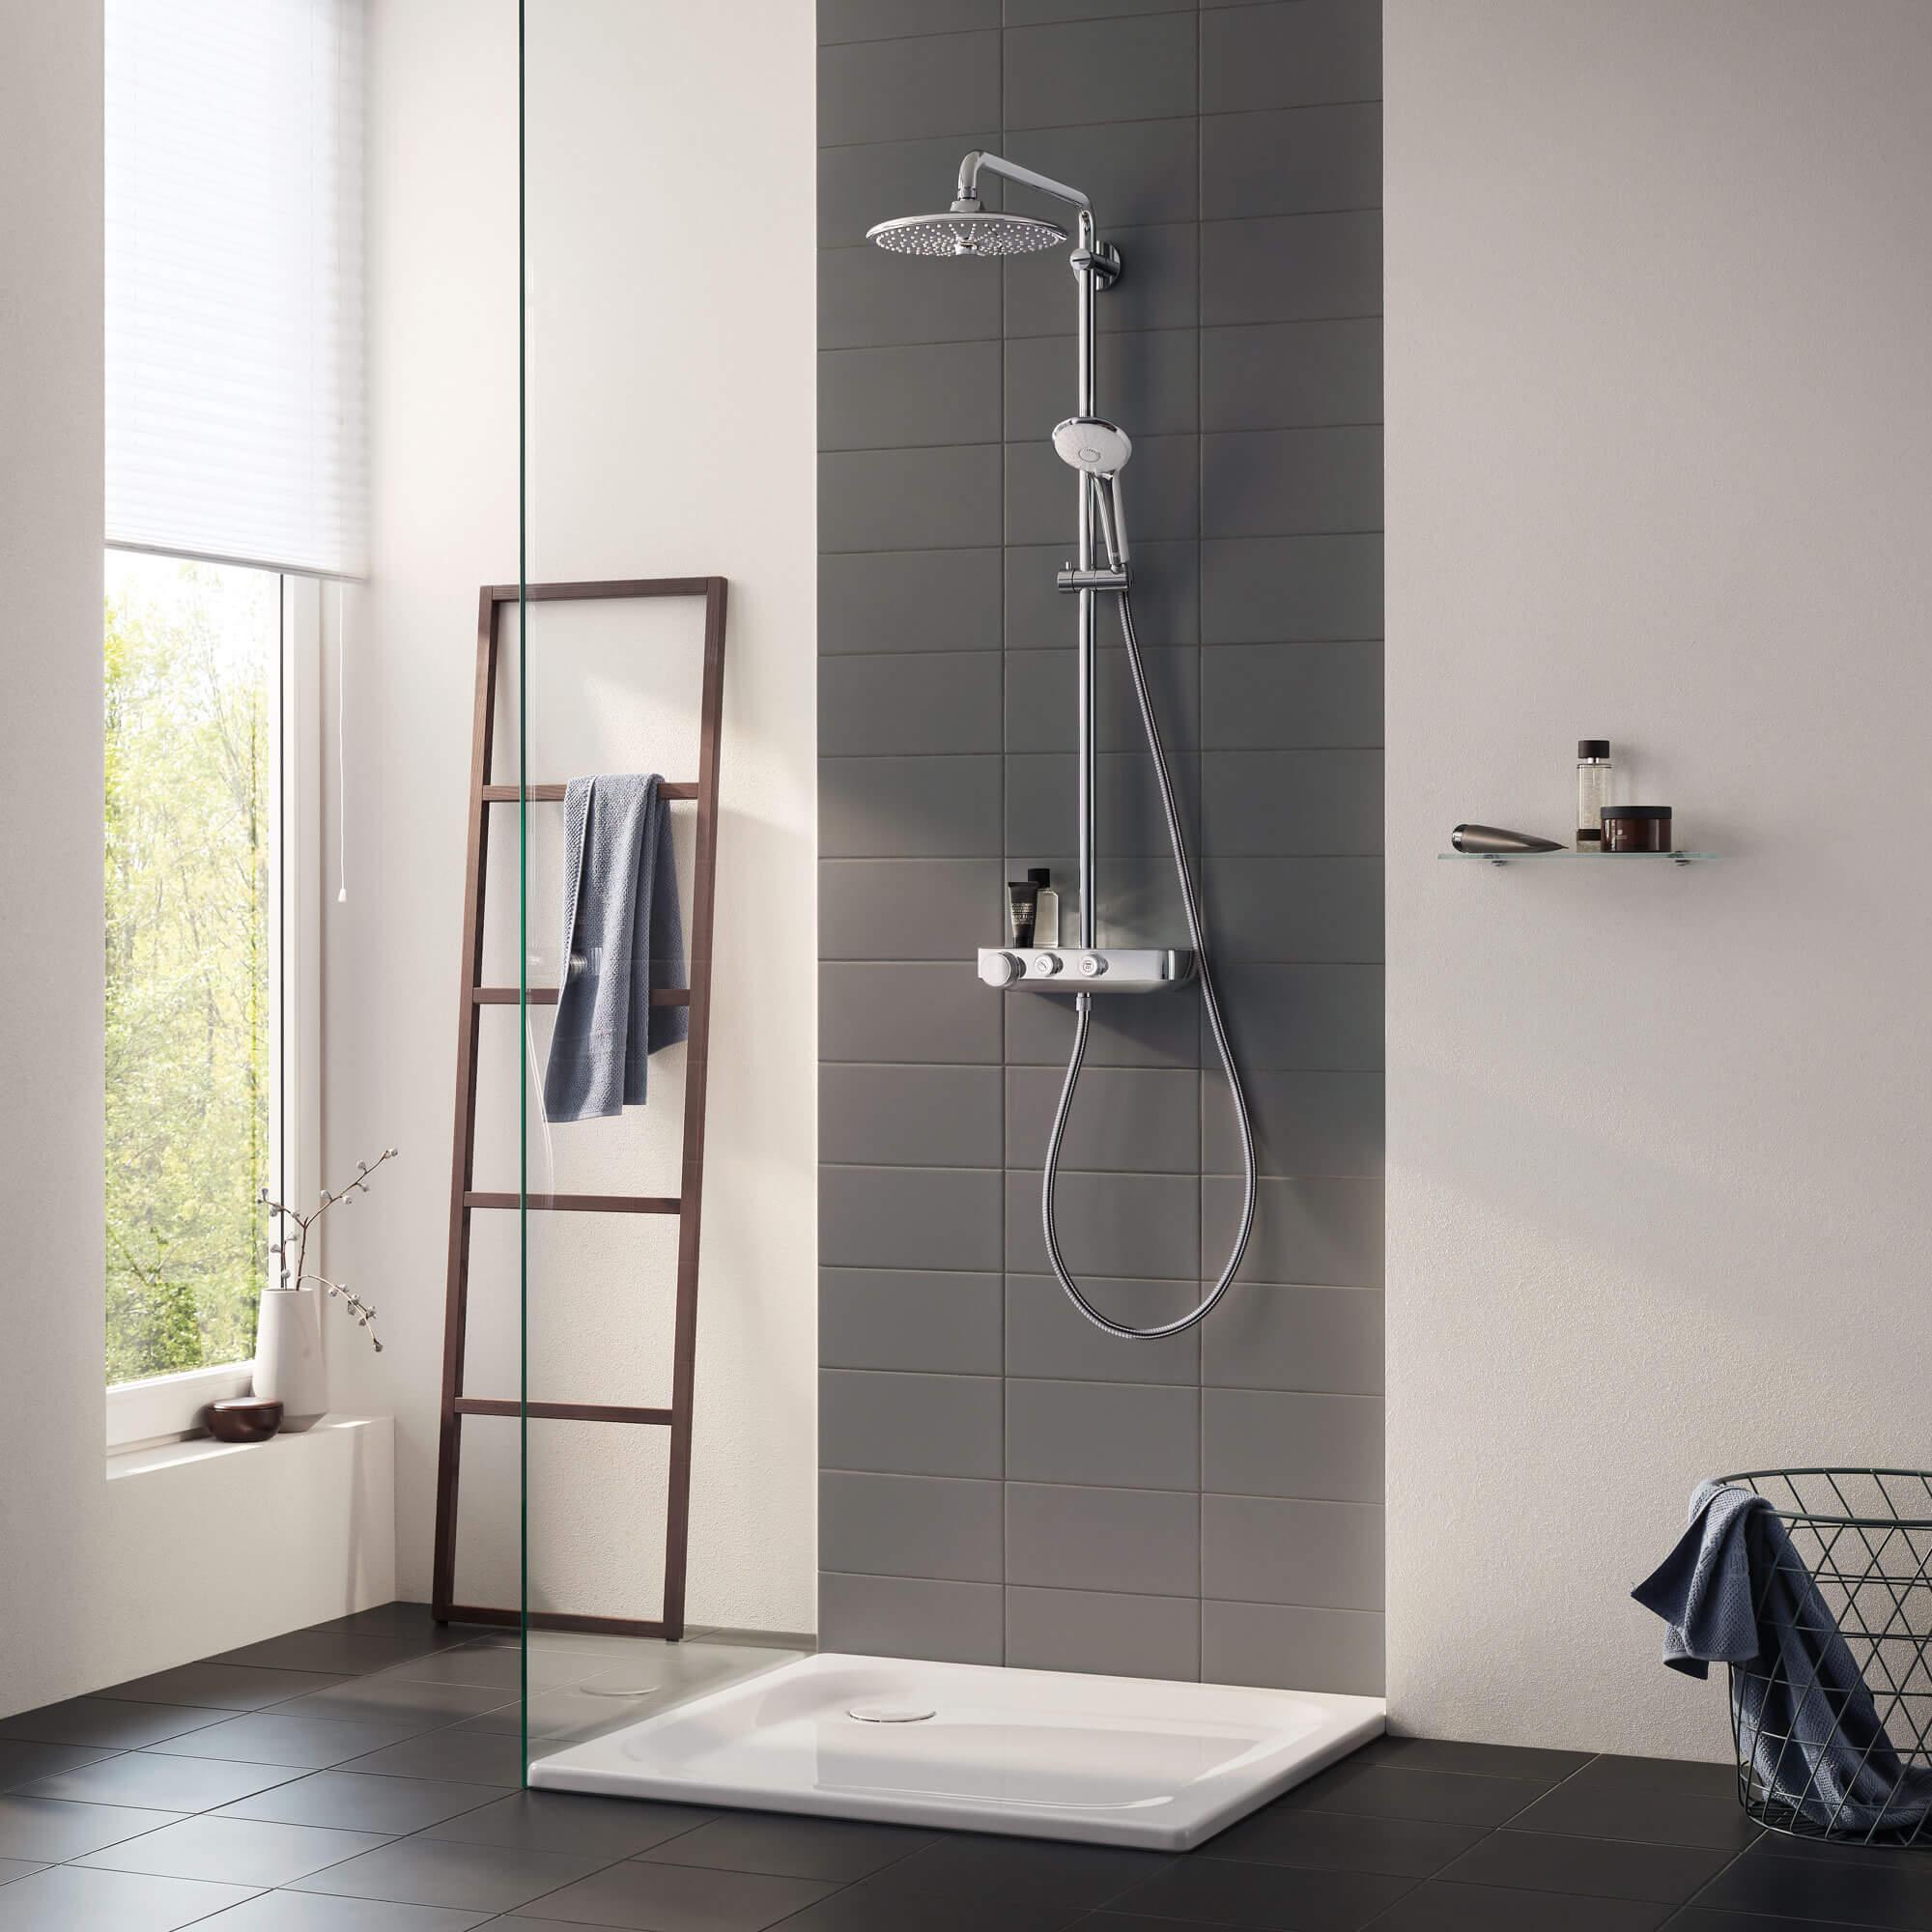 Douche smartcontrol d'euphoria affichée dans une salle de bains tonique grise.